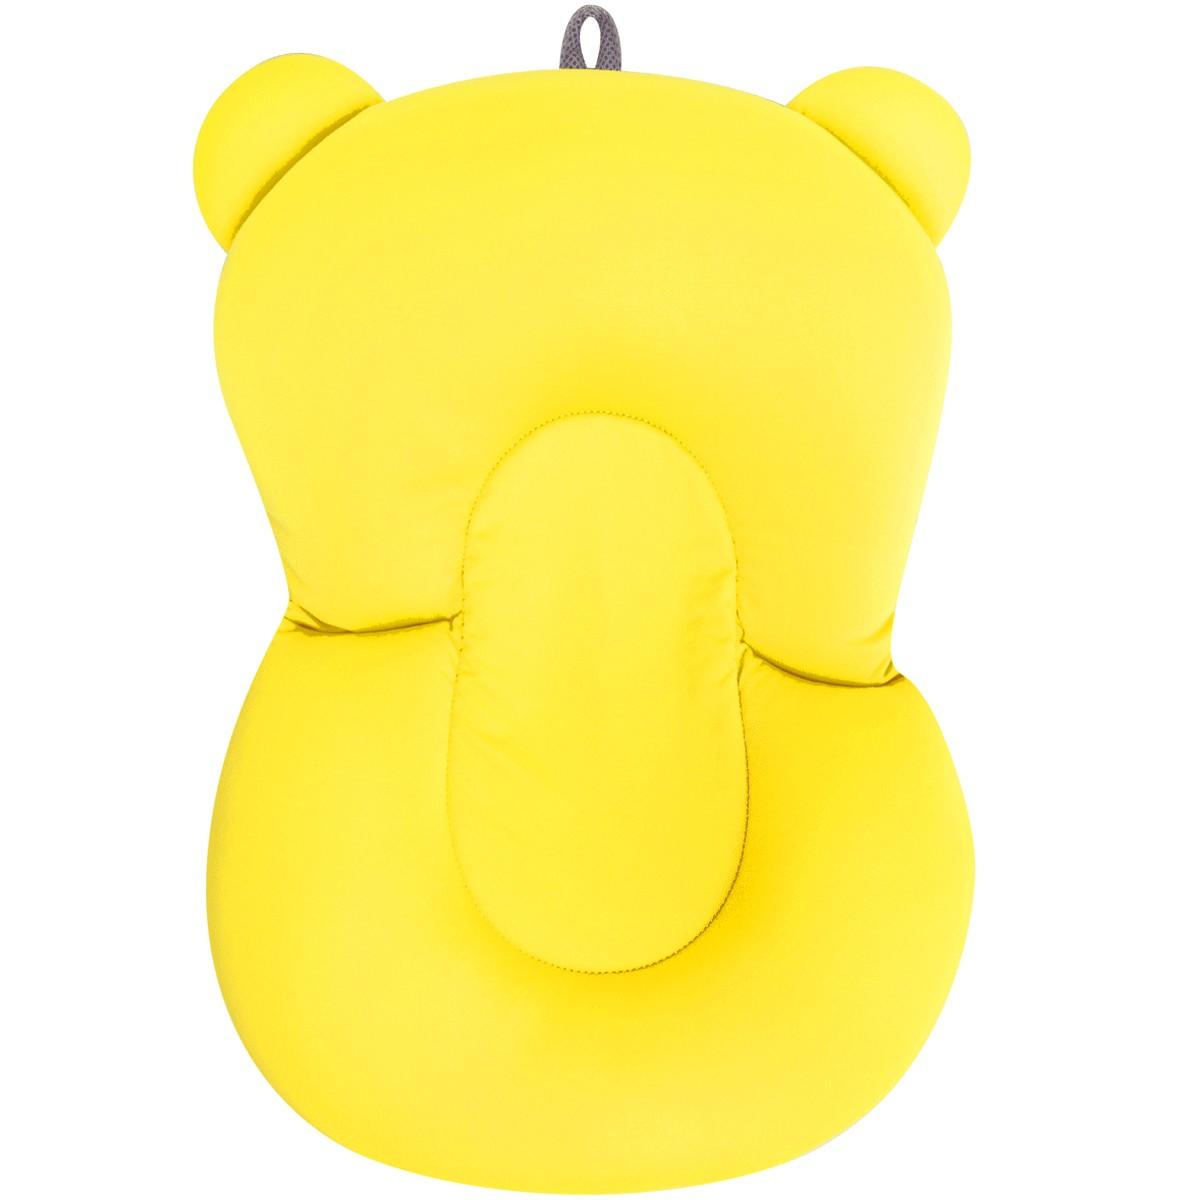 Almofada De Banho Baby Amarela Buba